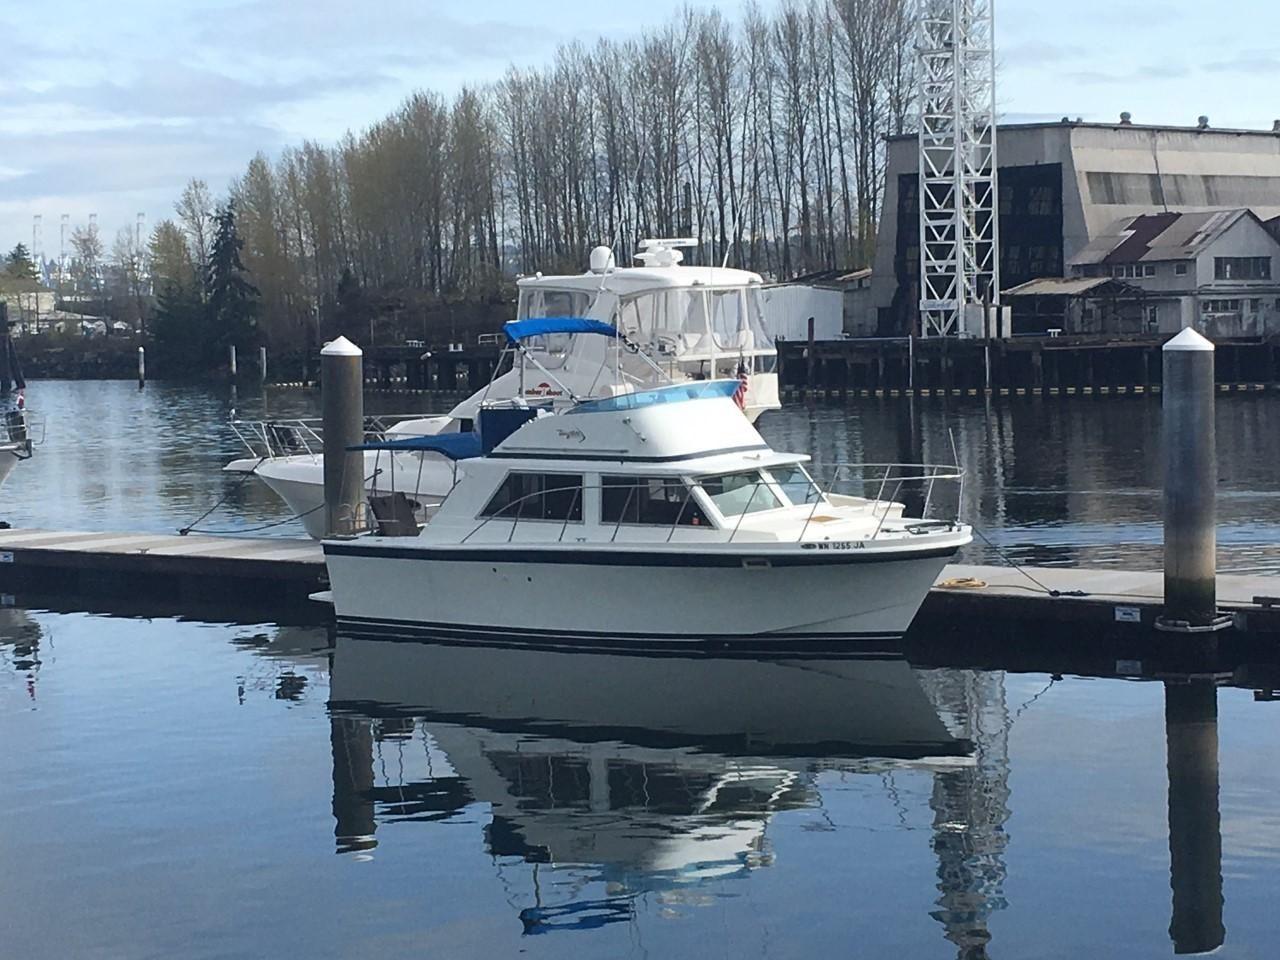 1977 Uniflite Sedan Fly Bridge Power Boat For Sale - www.yachtworld.com